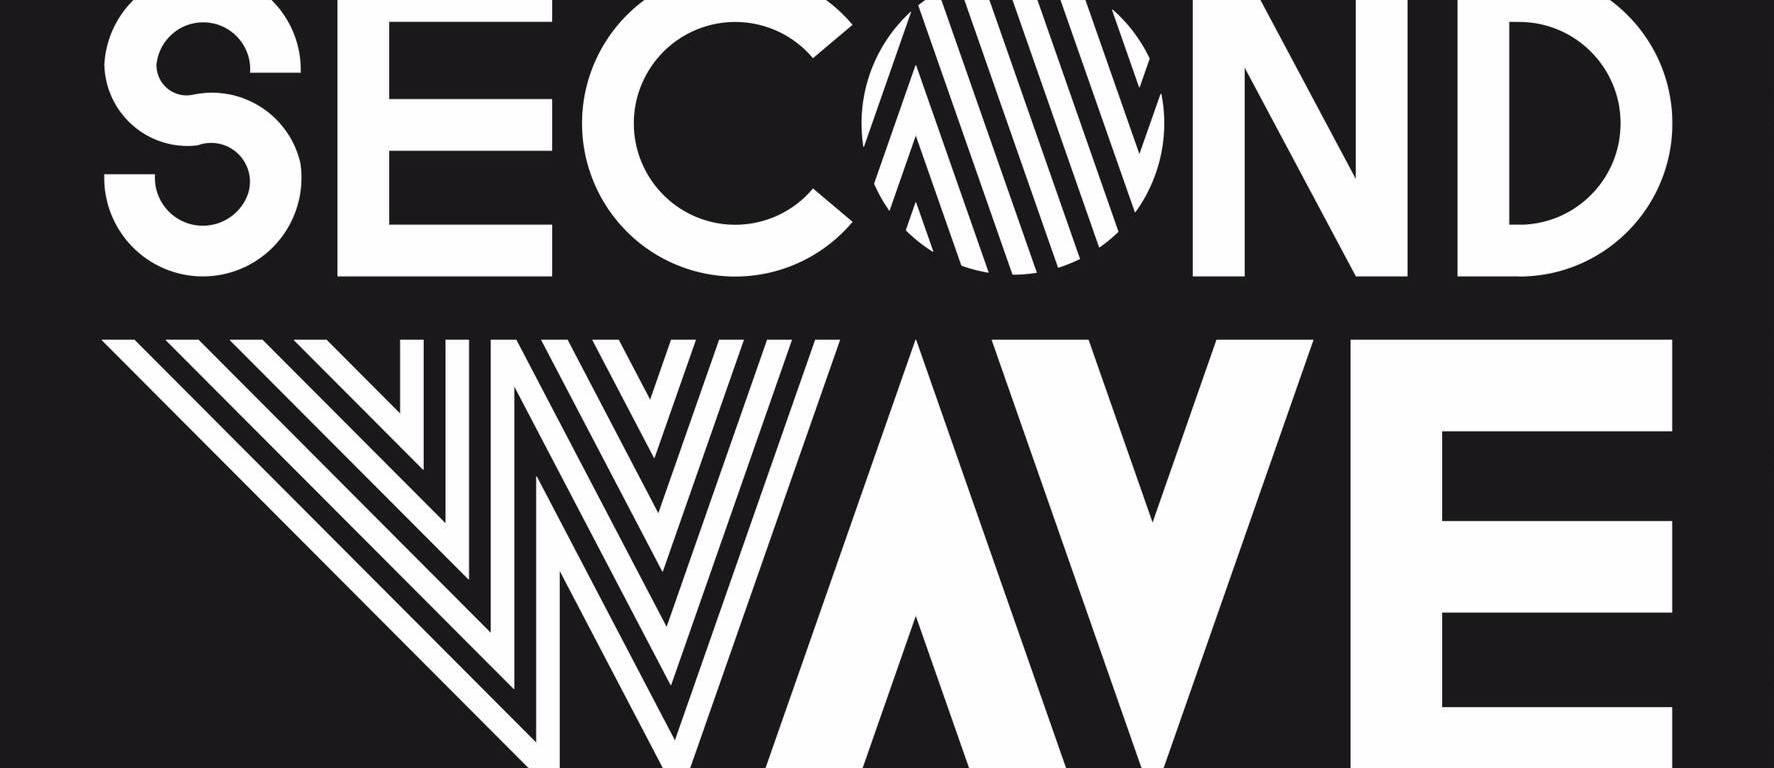 Trupa Second Wave a lansat piesa Ocean Bottom/Mountain Top